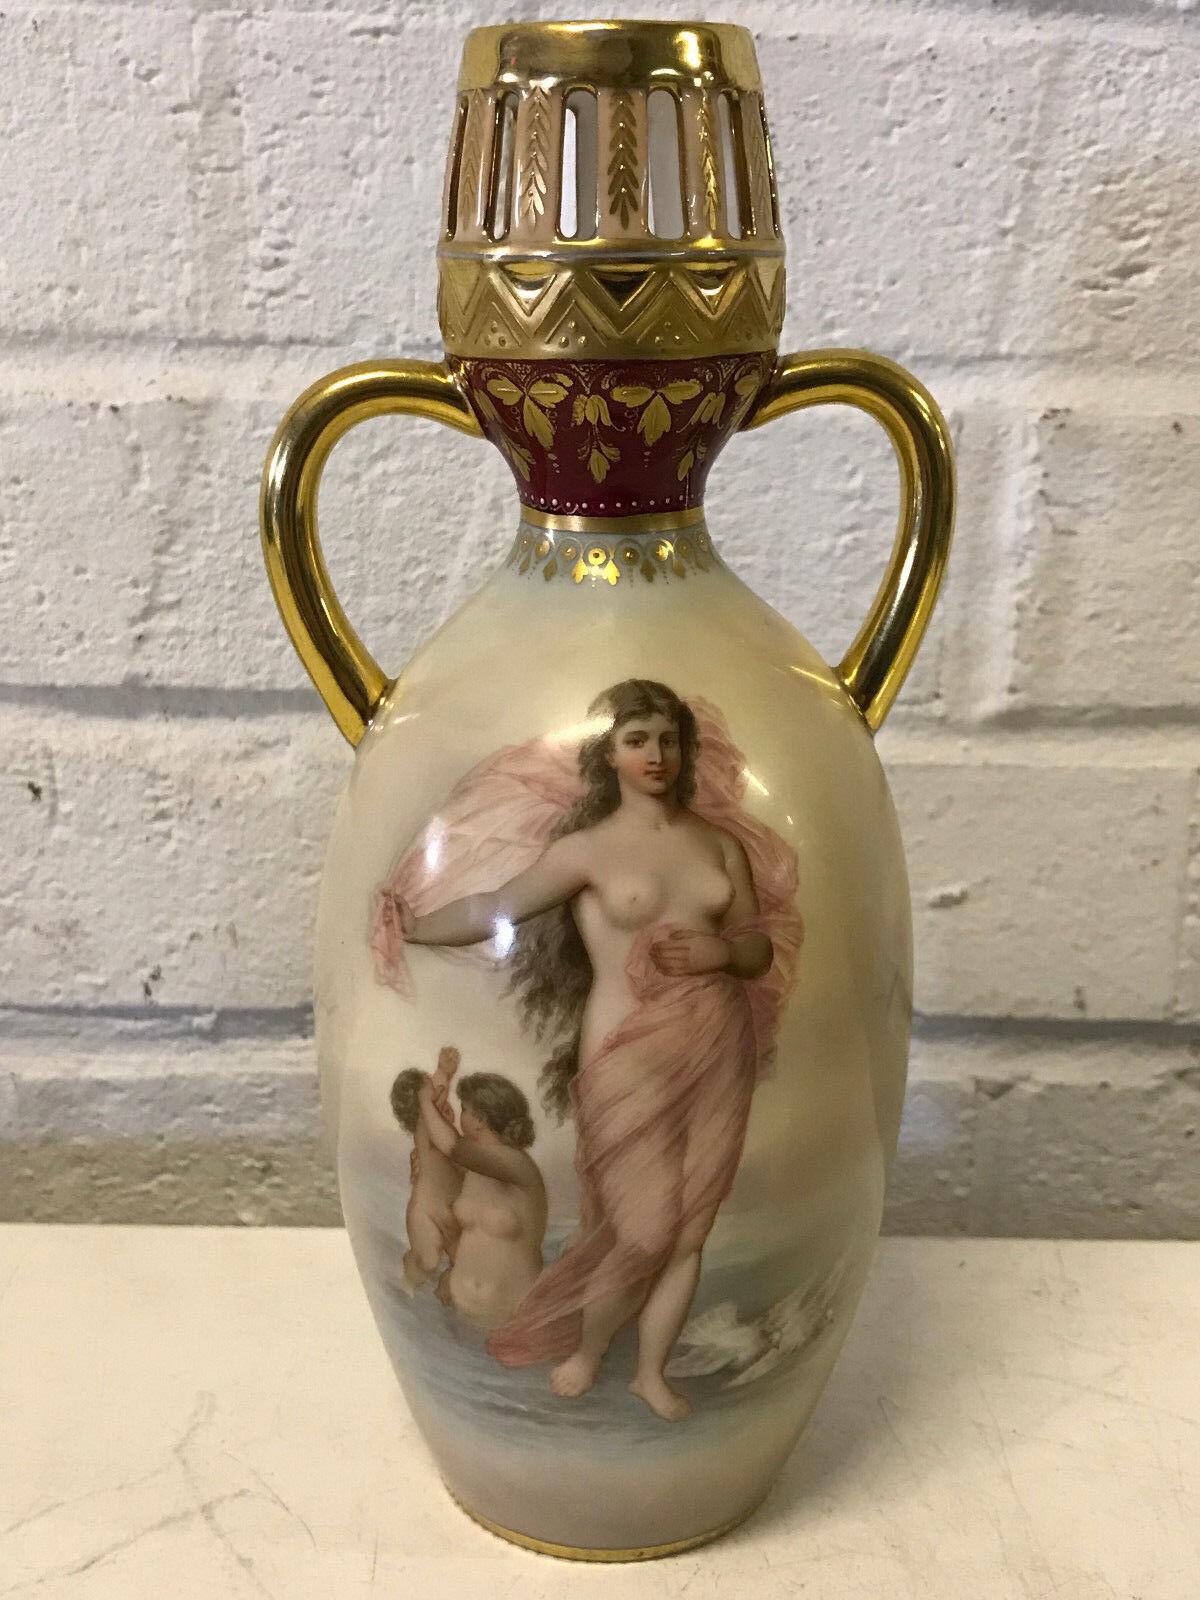 Naked women vases, girl in madisons videos